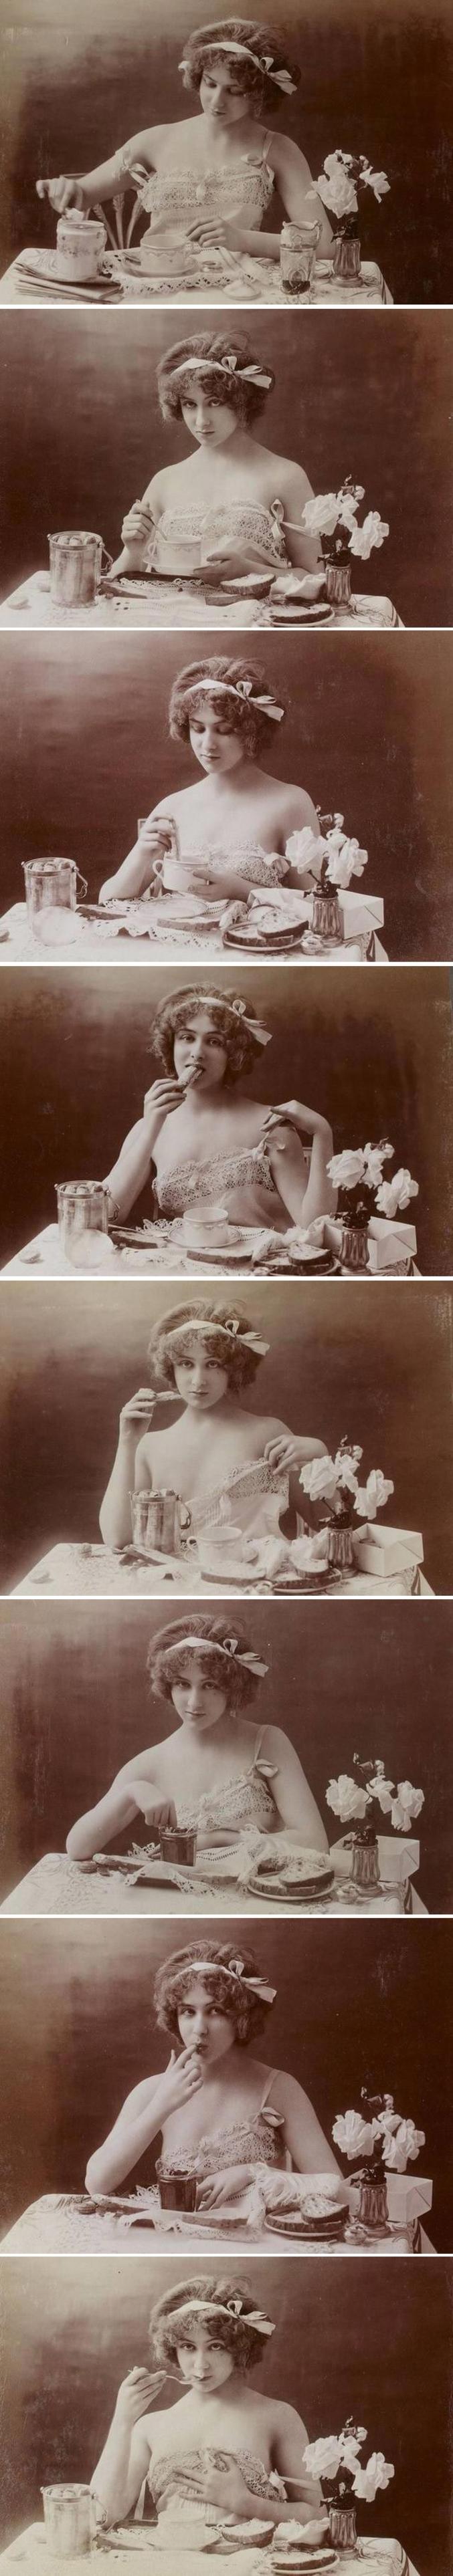 Il y a cent ans, ces photos étaient considérées comme inacceptables, mais aujourd'hui, peu de gens y voient quelque chose d'indécent. À notre époque, nous avons accès à bien plus de chair, notamment dans la publicité.  Ces photographies ont été prises à l'époque édouardienne en Grande-Bretagne, marquée par le règne du roi Édouard VII, 1901-1910.